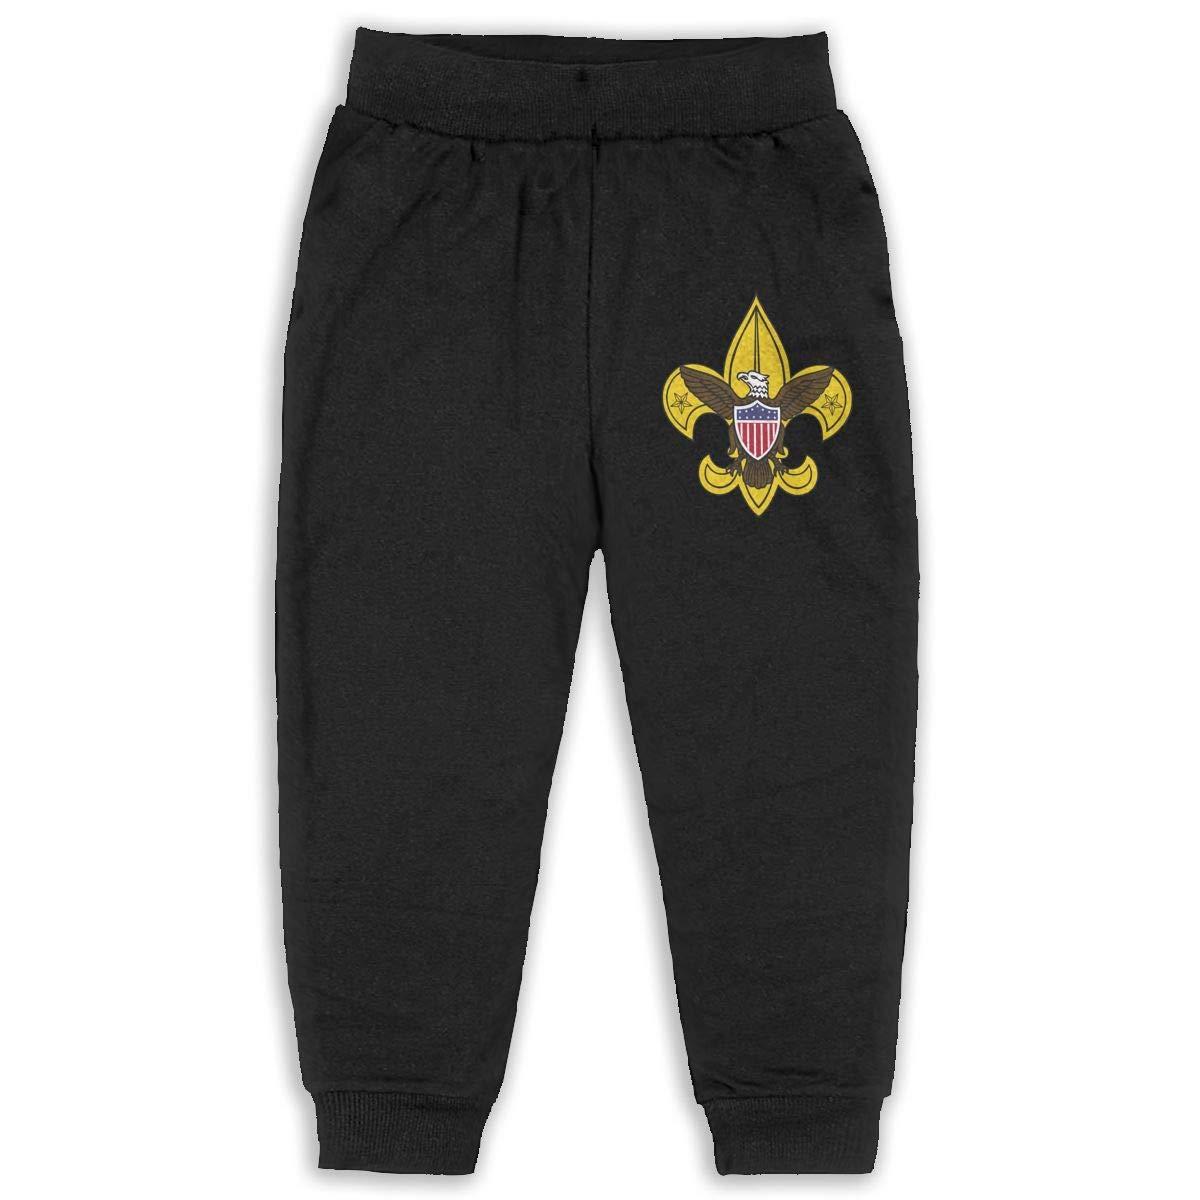 Boy Scout Emblem Kids Cotton Sweatpants,Jogger Long Jersey Sweatpants